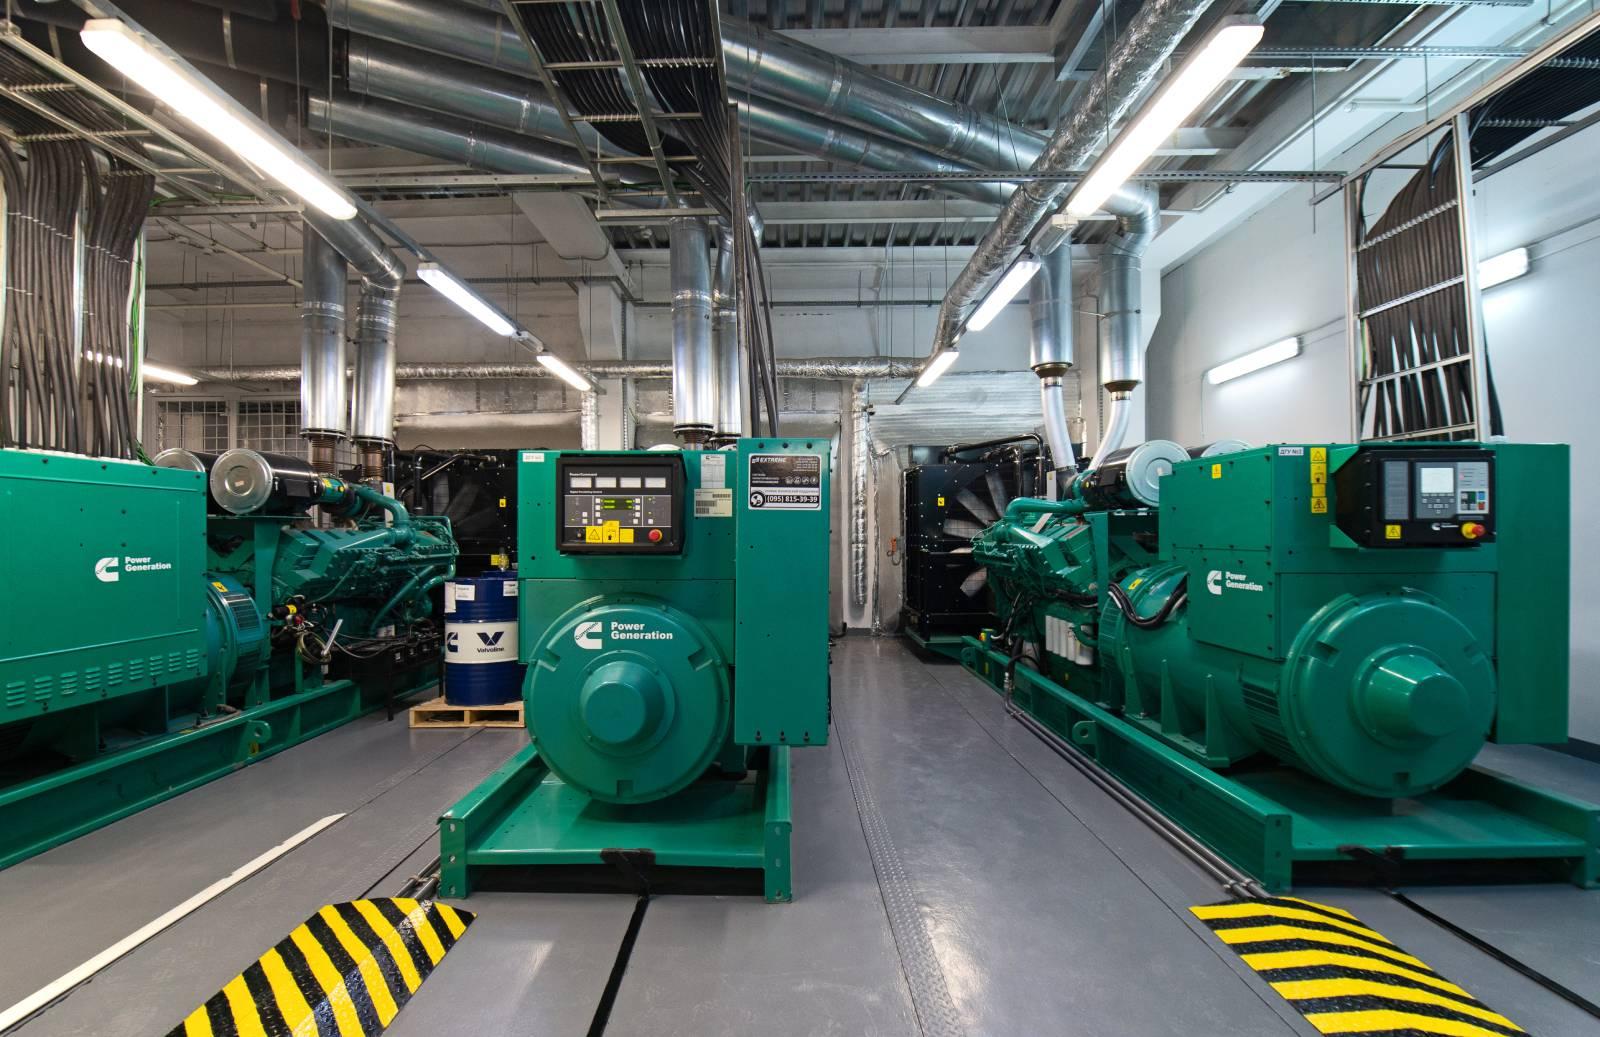 Приміщення дизель-генераторних установок. ДГУ Cummins C1675D5 1120 кВт